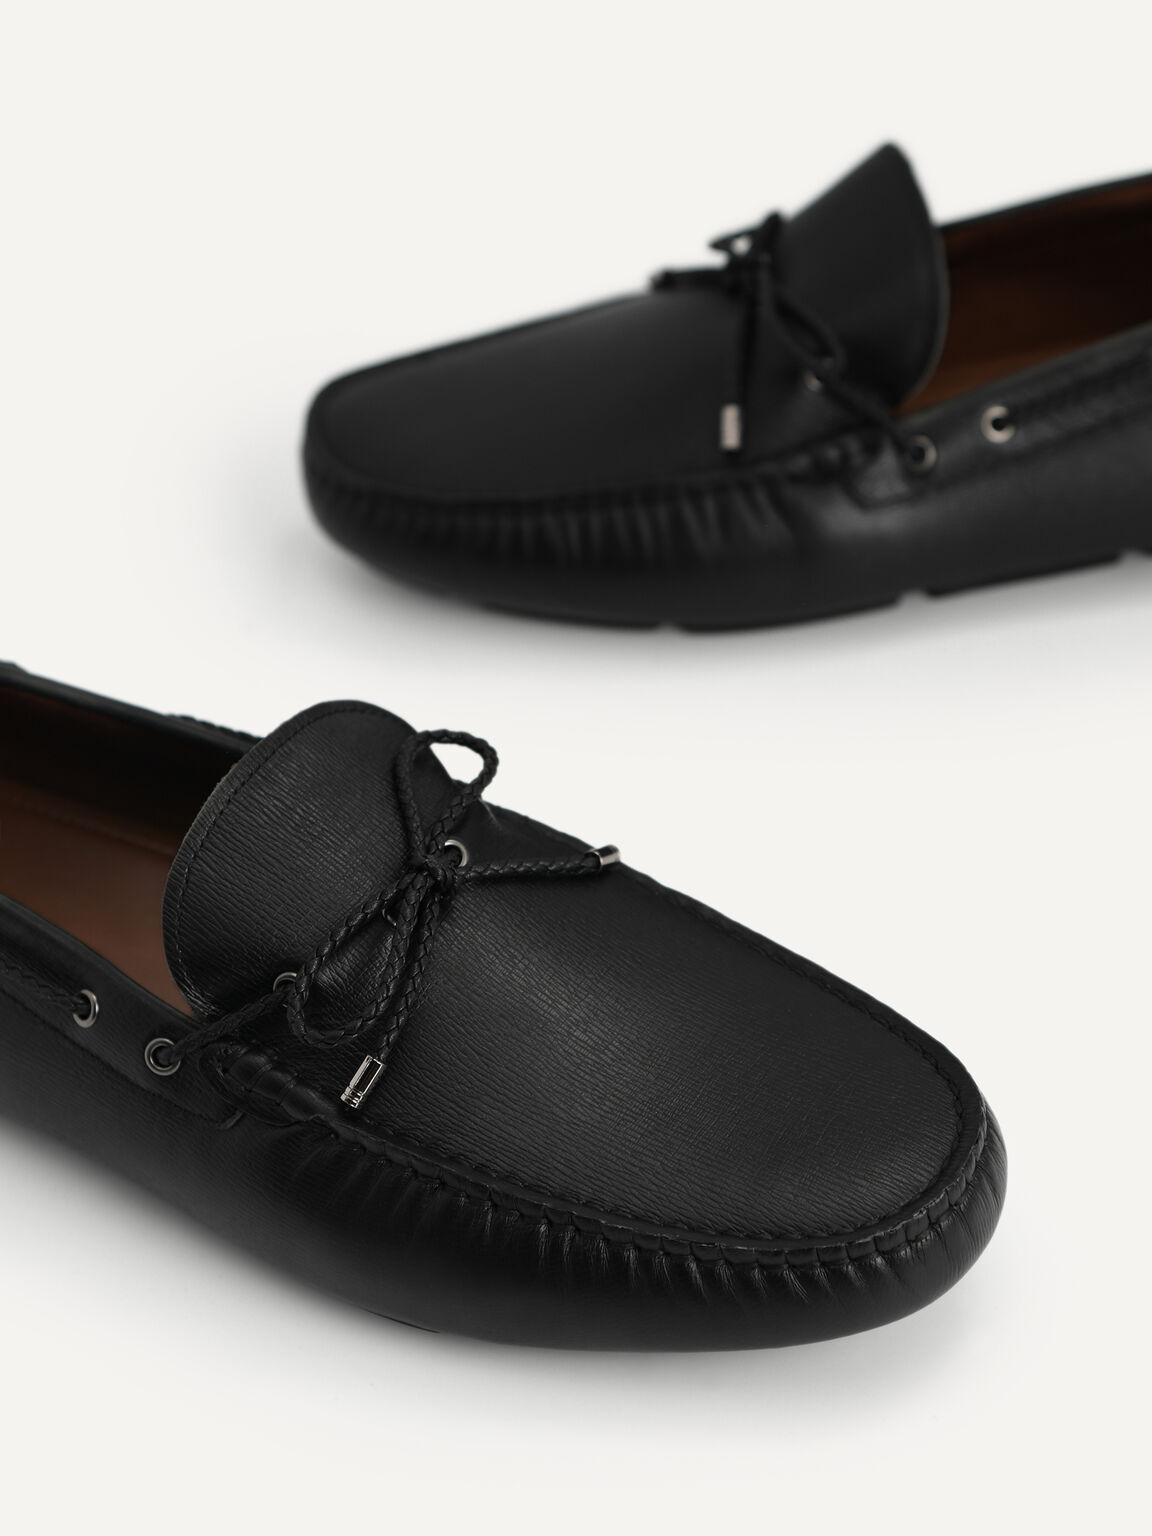 紋理牛皮莫卡辛鞋, 黑色, hi-res